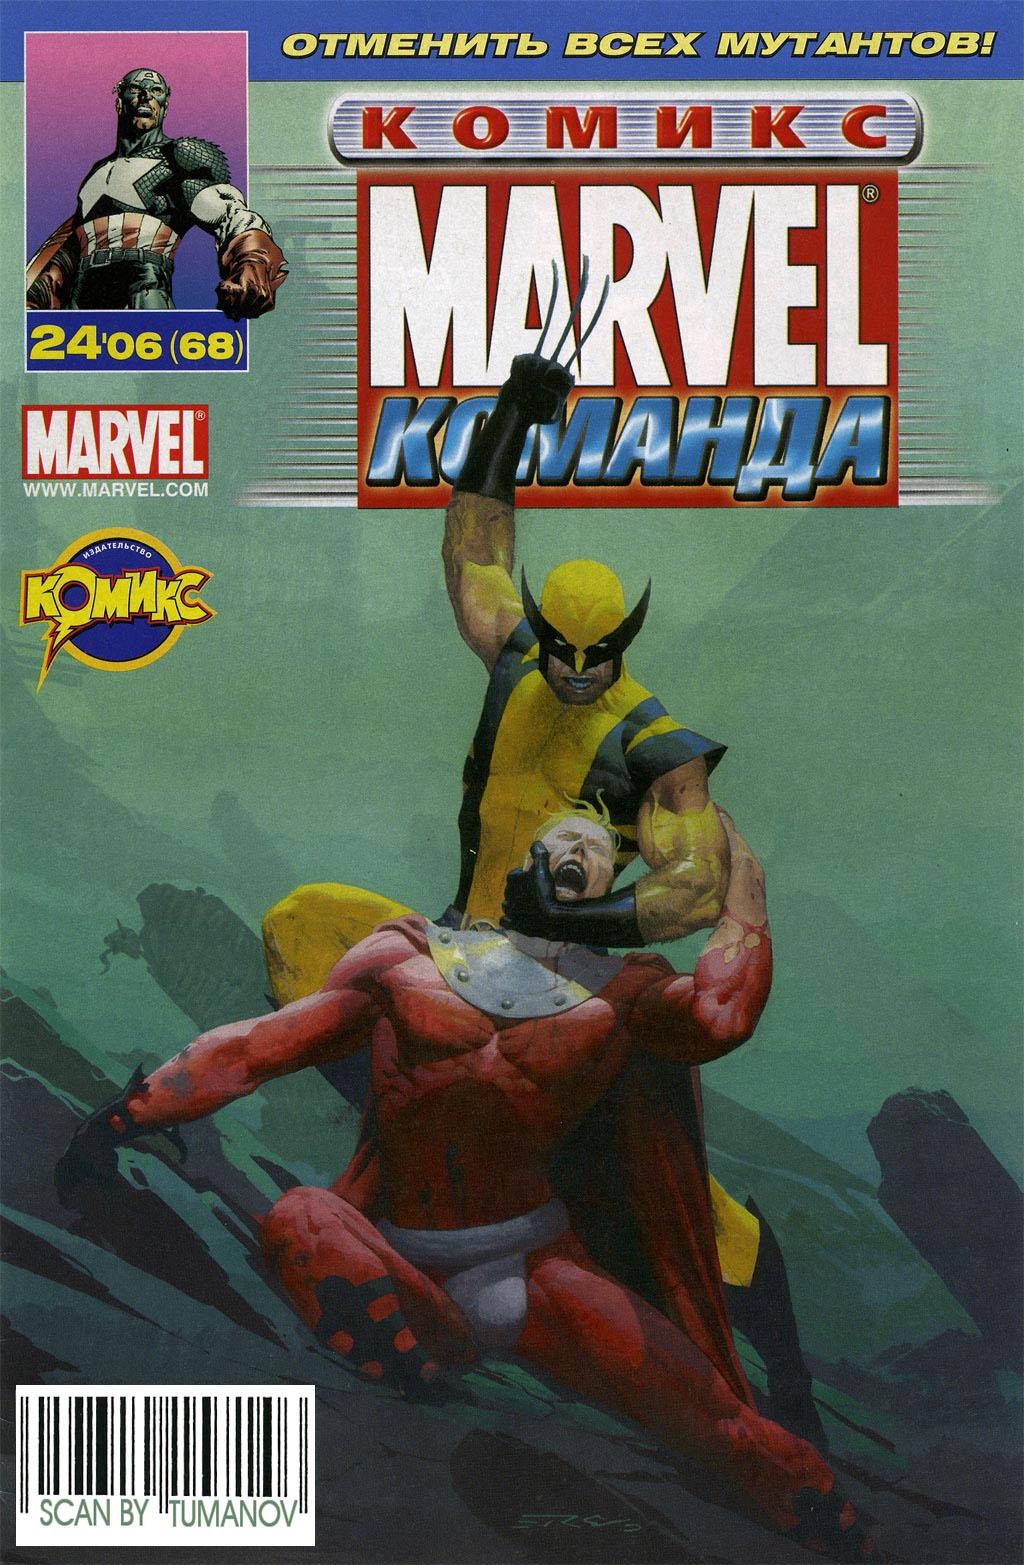 Комиксы Онлайн - Марвел Команда ИДК - # 8 - Страница №1 - Marvel Команда ИДК - Marvel Команда # 68